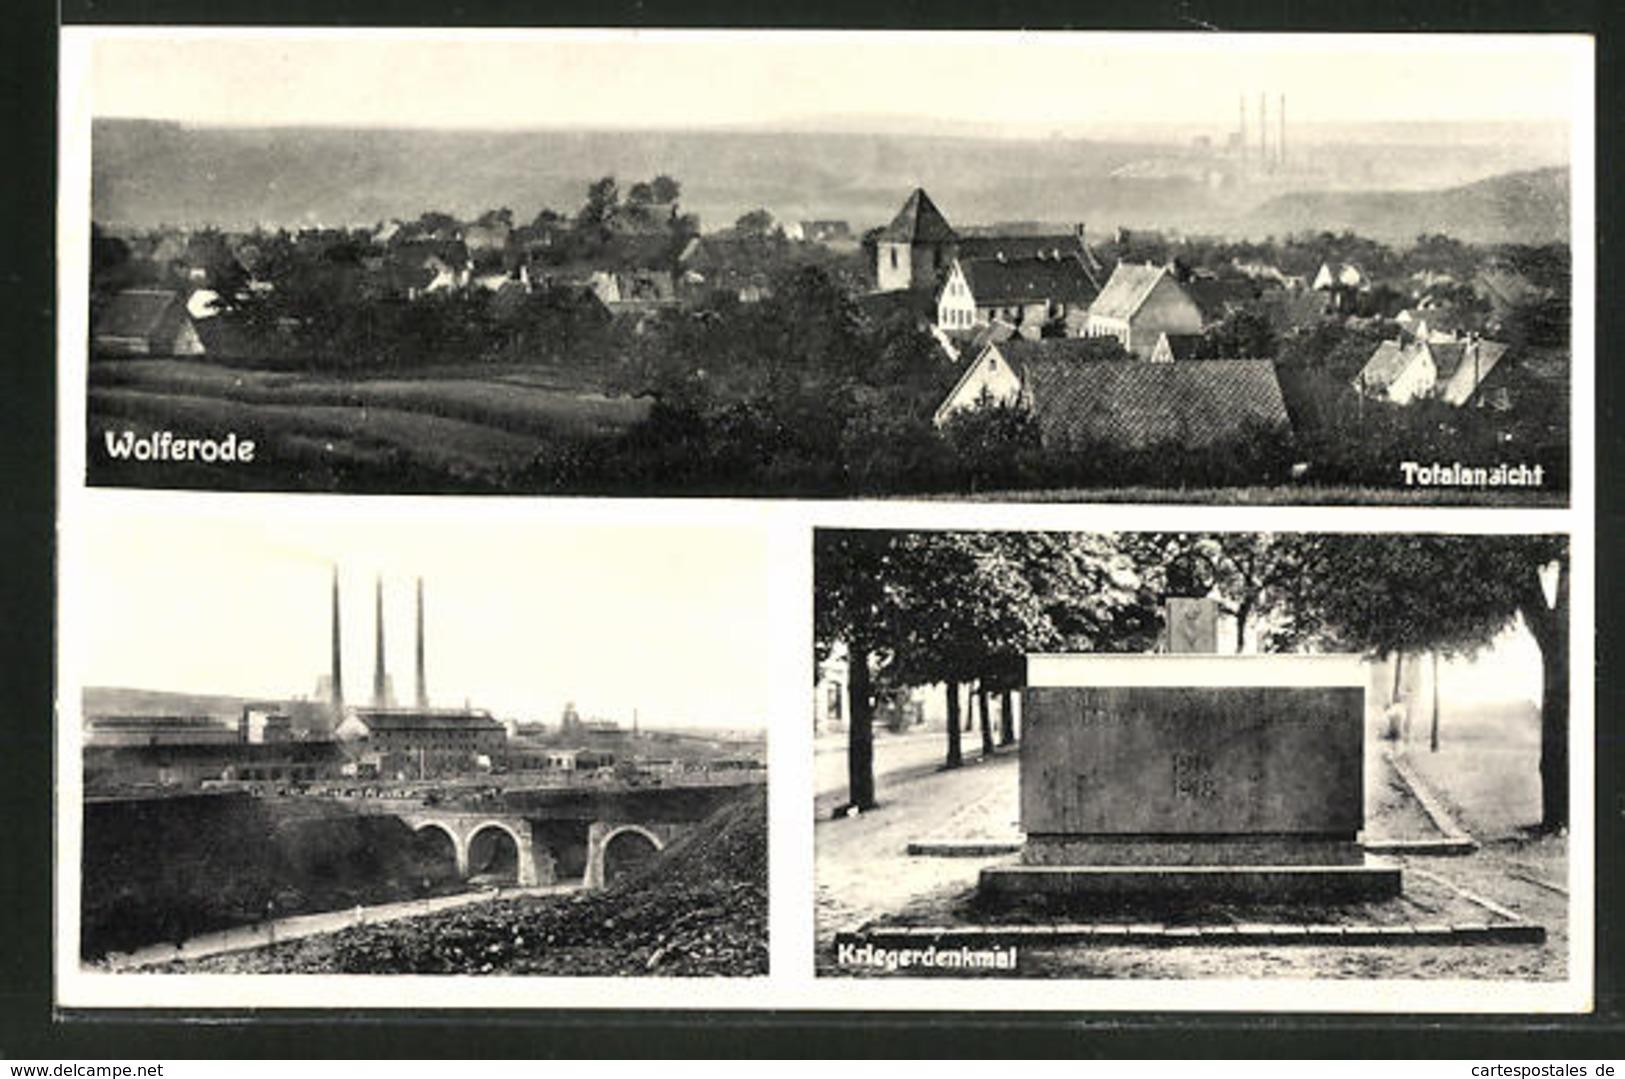 AK Wolferode, Totalansicht, Kriegerdenkmal, Ortspartie - Germany